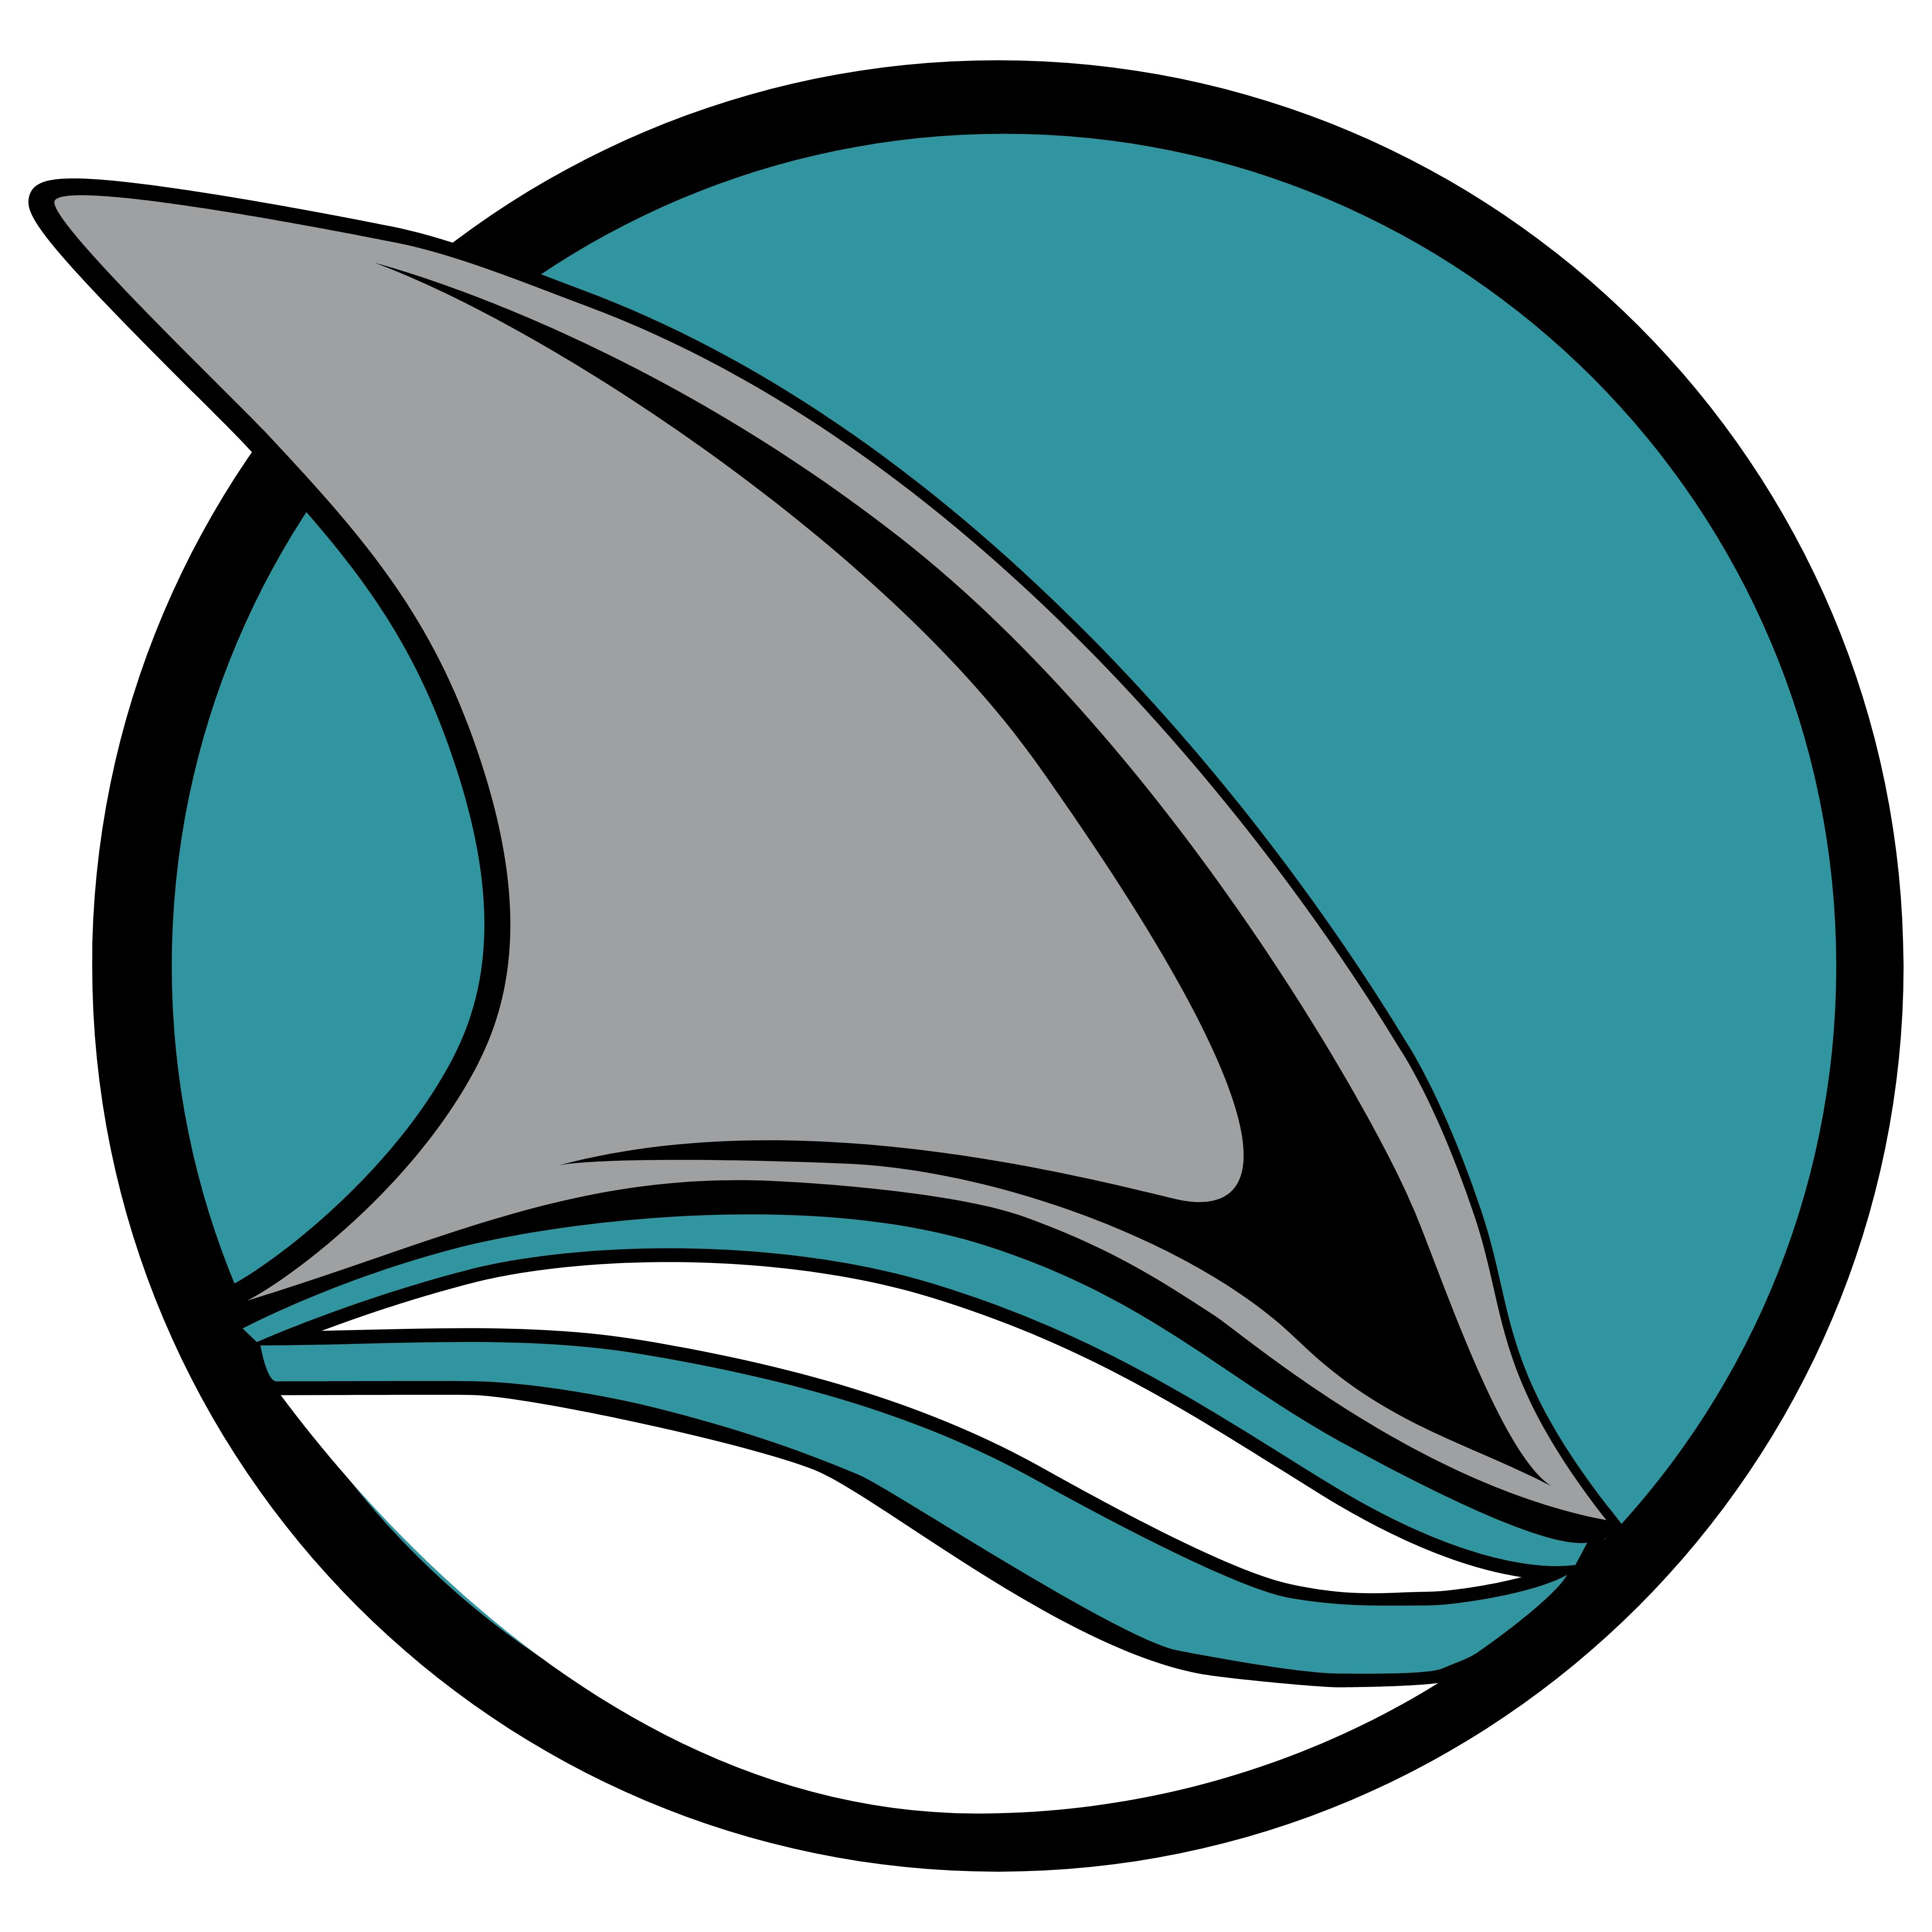 san jose sharks logos download rh logos download com san jose shark fin logo shark fin beer logo